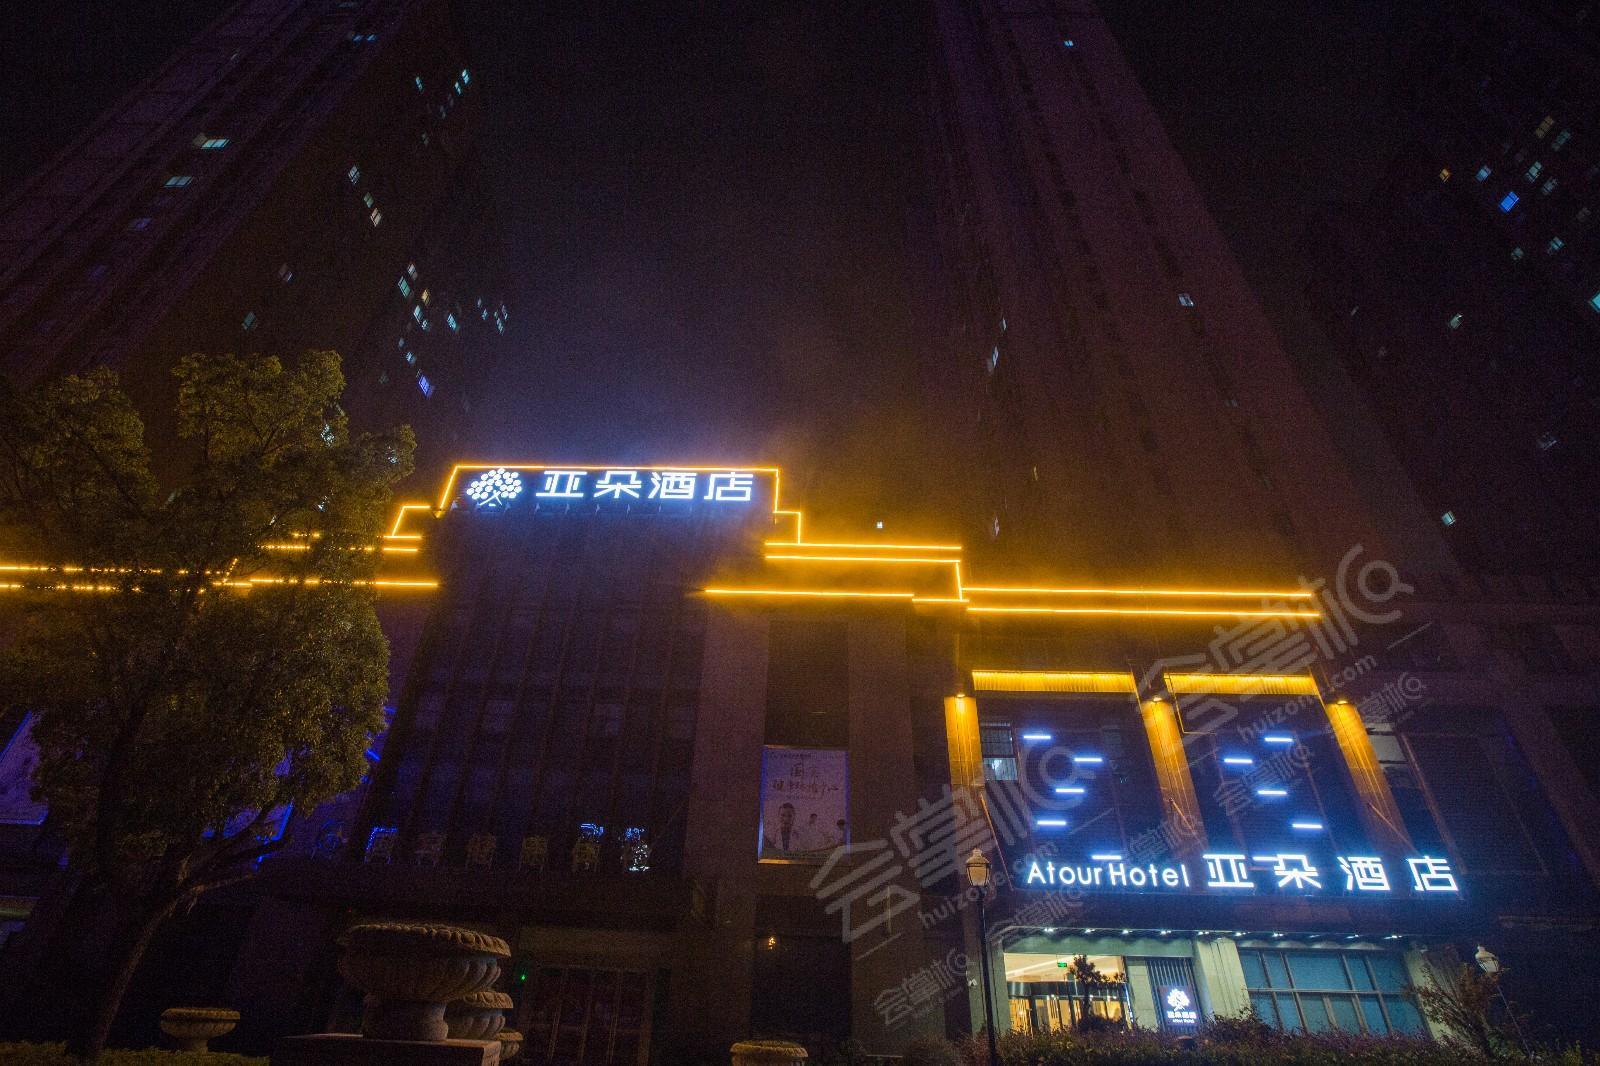 合肥滨湖杭州路亚朵酒店